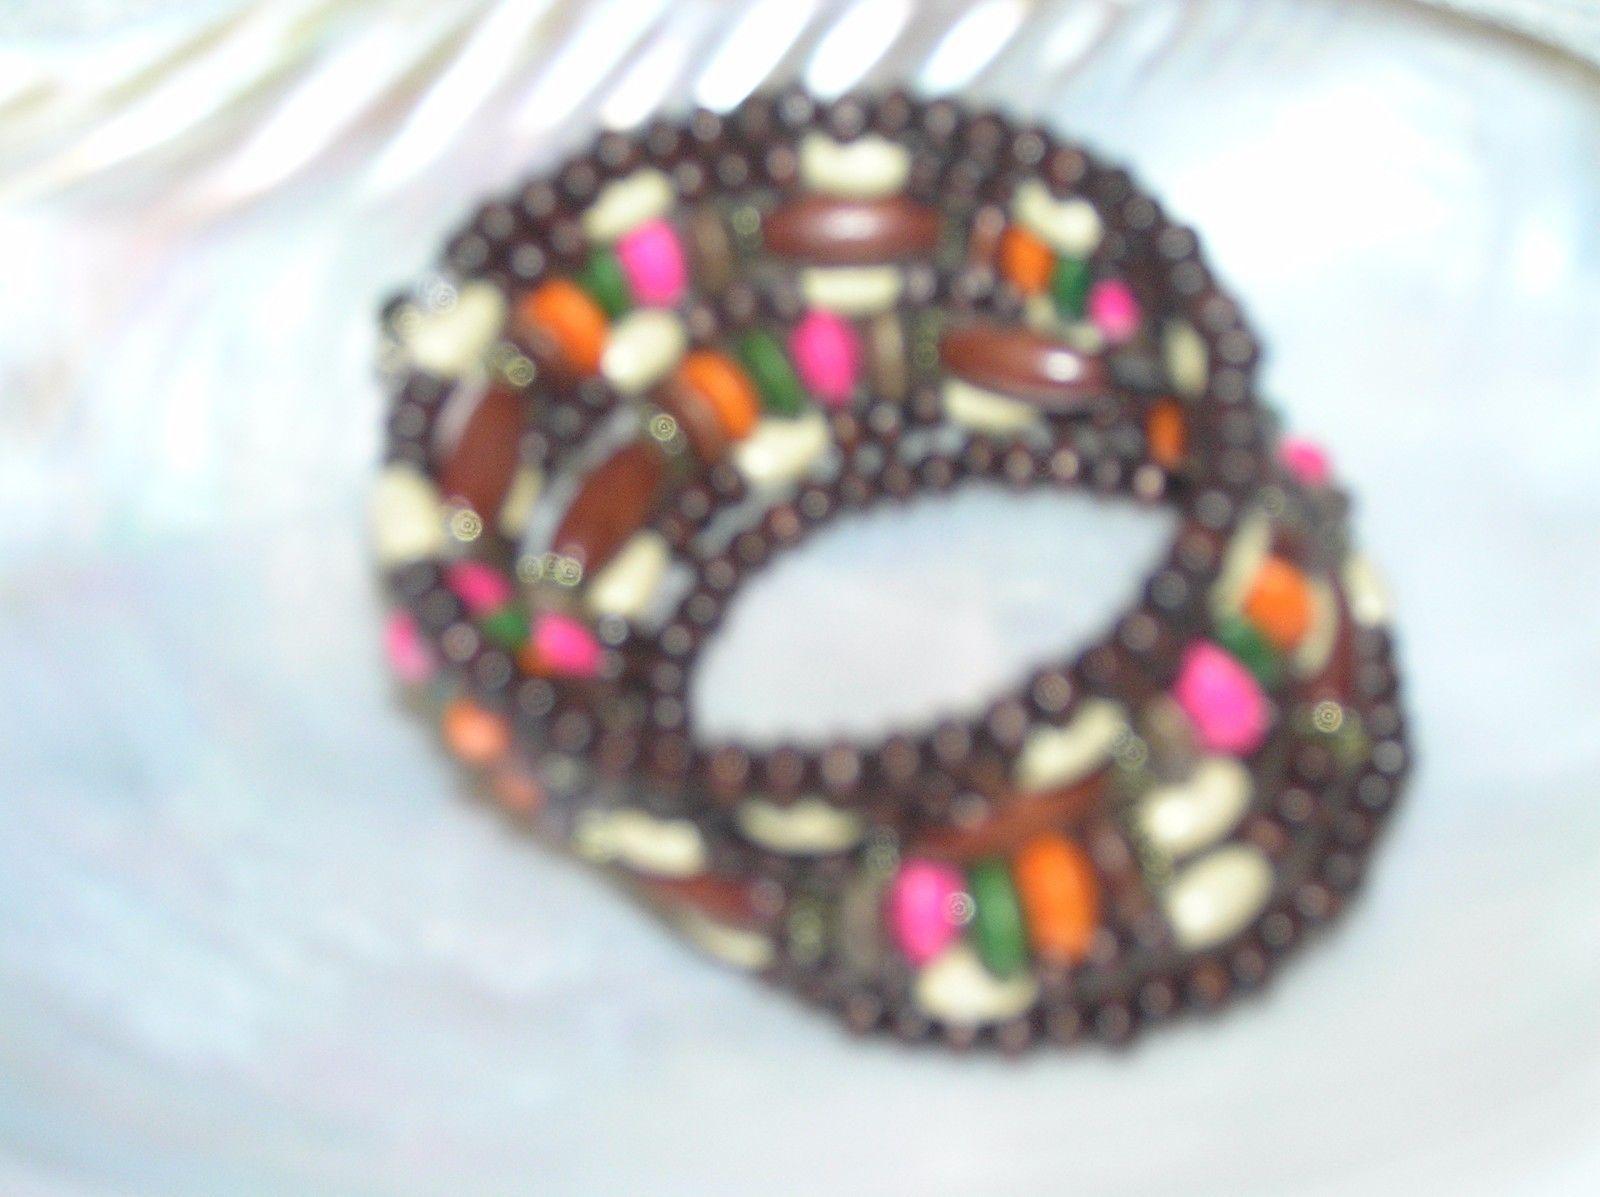 Gently Used Wide Dark Light Pink Green & Orange Painted Wood Bead Wrap Bracelet